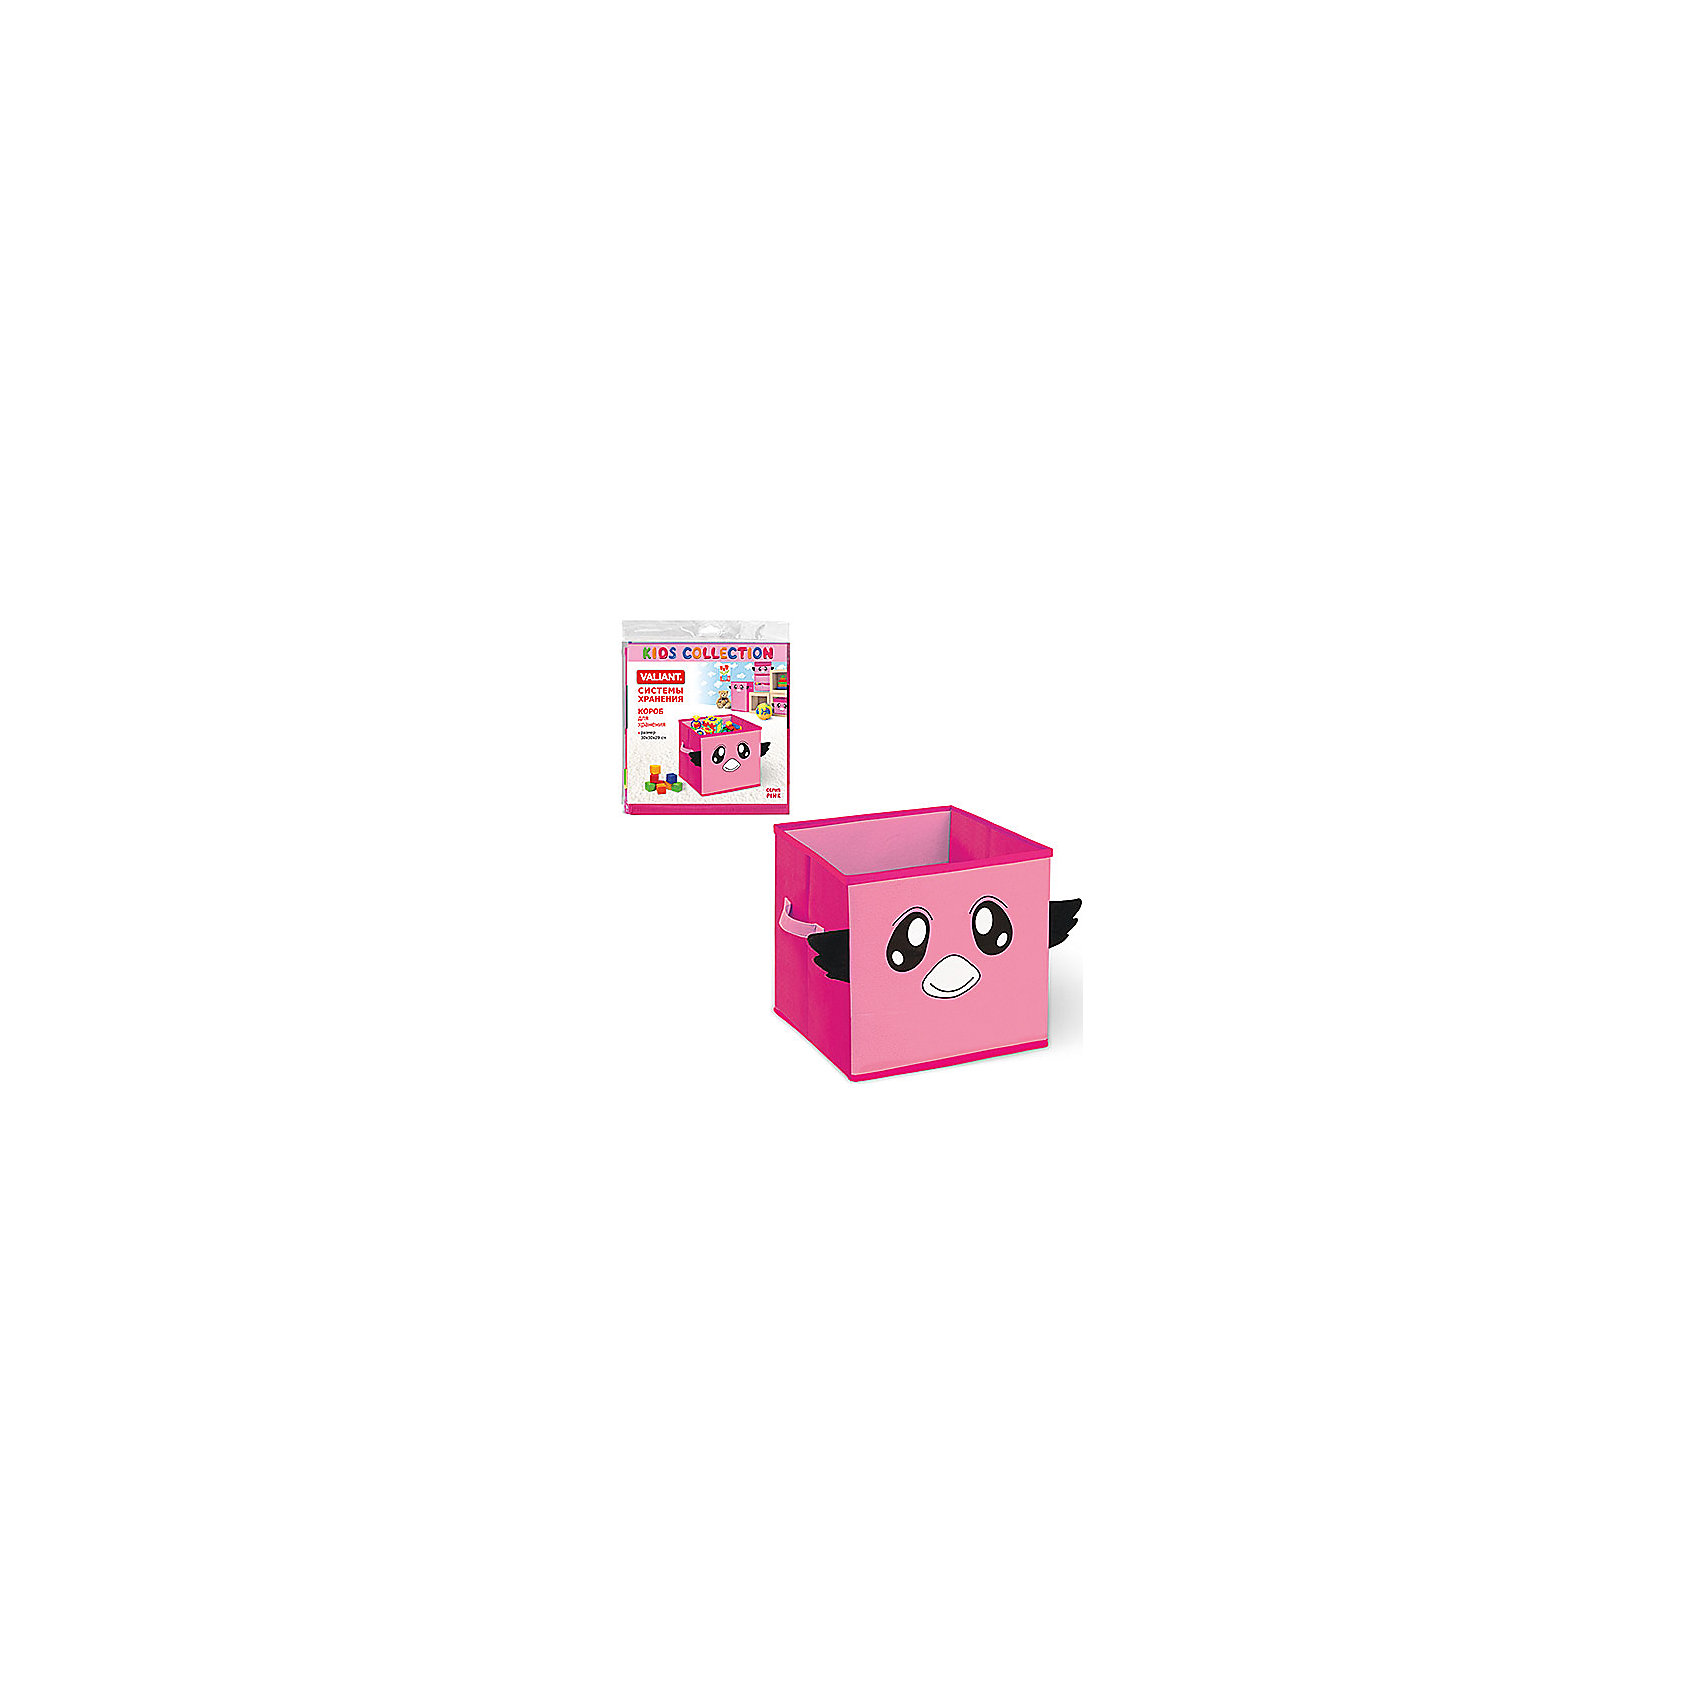 Розовый короб для хранения 30*30*29 смРозовый короб для хранения 30*30*29 см сочетает в себе игровой дизайн и практичность. Такая система хранения поможет Вам содержать детскую комнату в идеальном состоянии и привнесет яркие объекты в интерьер.  Сохраняет естественную вентиляцию, не пропускает пыль, а  воздух свободно проникает внутрь, обеспечивая естественную вентиляцию. Защищает вещи от моли. Материал легок, удобен и не образует складок. Особая конструкция позволяет при необходимости одним движением сложить  или разложить короб. <br><br>Дополнительная информация:<br><br>- материал: нетканый материал<br>- цвет: розовый<br>- размер короба: 30 * 30 * 29 см.<br>- размер упаковки: 33 * 31 * 2 см.<br><br>Розовый короб для хранения 30*30*29 см. можно купить в нашем интернет-магазине.<br><br>Ширина мм: 300<br>Глубина мм: 300<br>Высота мм: 290<br>Вес г: 587<br>Возраст от месяцев: -2147483648<br>Возраст до месяцев: 2147483647<br>Пол: Унисекс<br>Возраст: Детский<br>SKU: 4563425